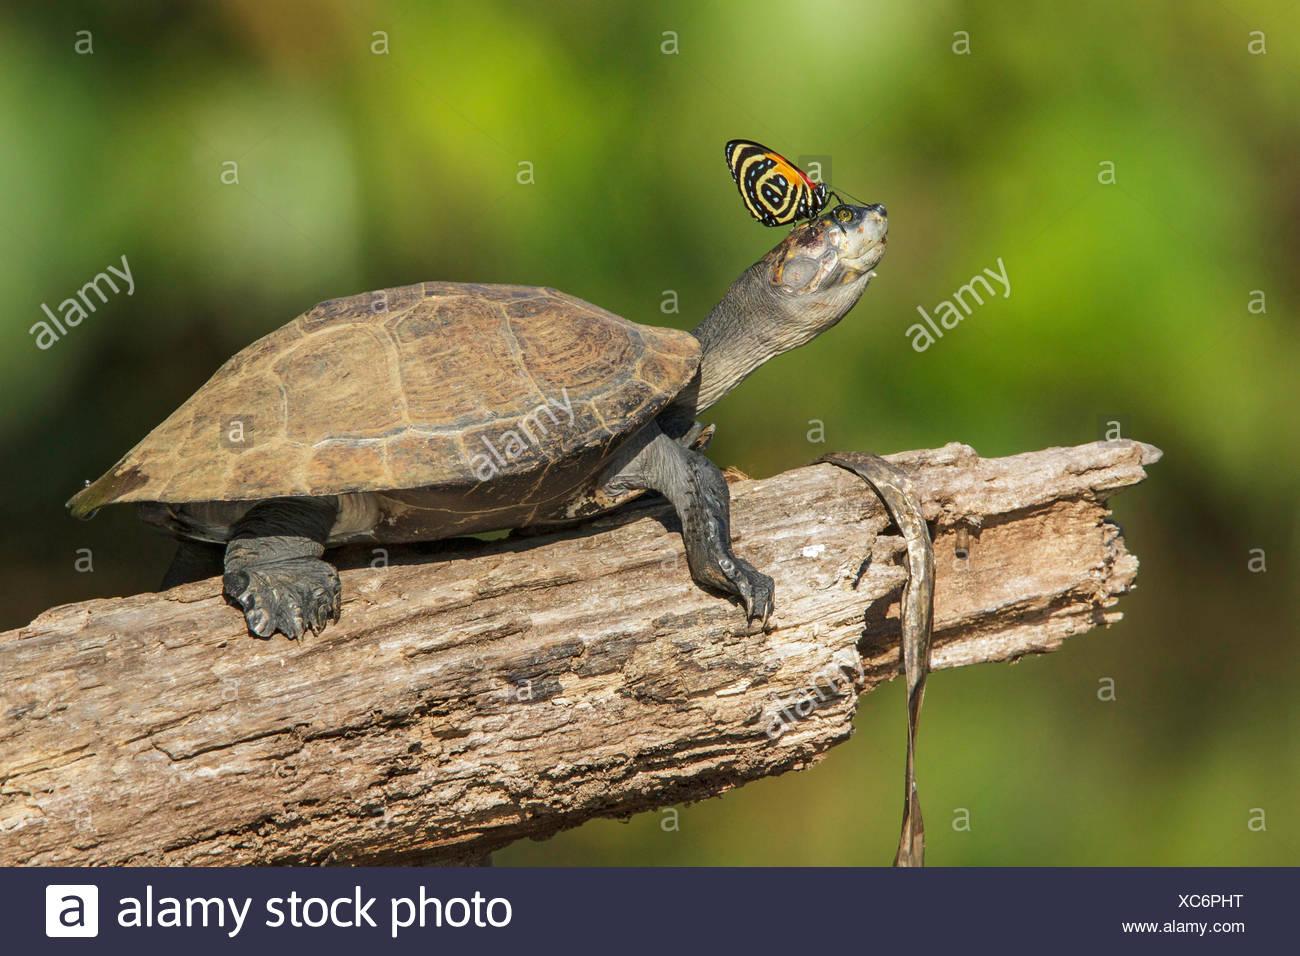 Una tartaruga con una farfalla sul suo naso nel Parco Nazionale del Manu, Perù. Immagini Stock